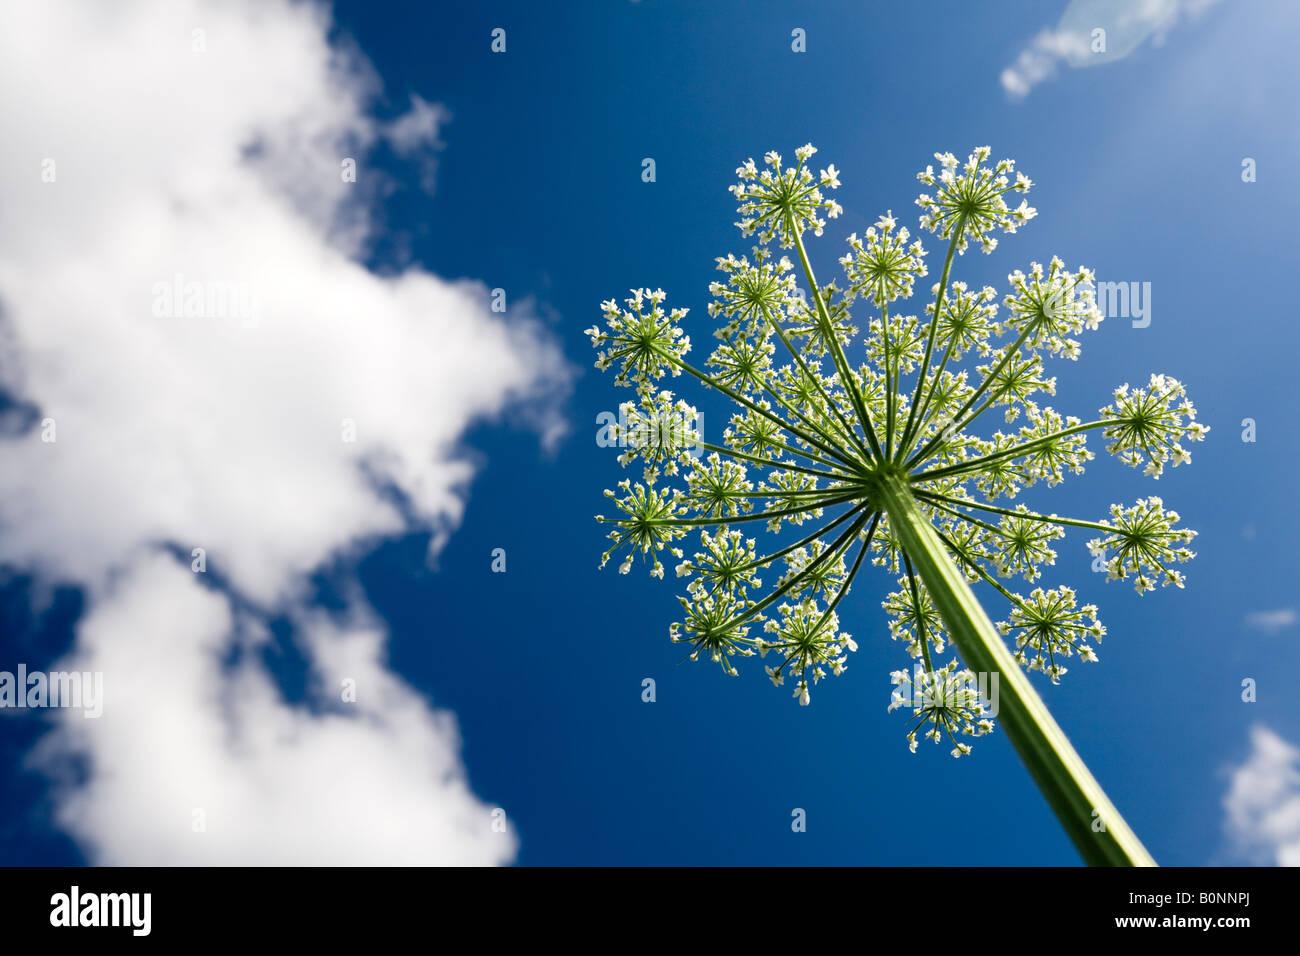 Ein blühender Garten Angelica Dolde (Angelica Archangelica). Ombelle d'Angélique Officinale de Fleurs, Stockbild